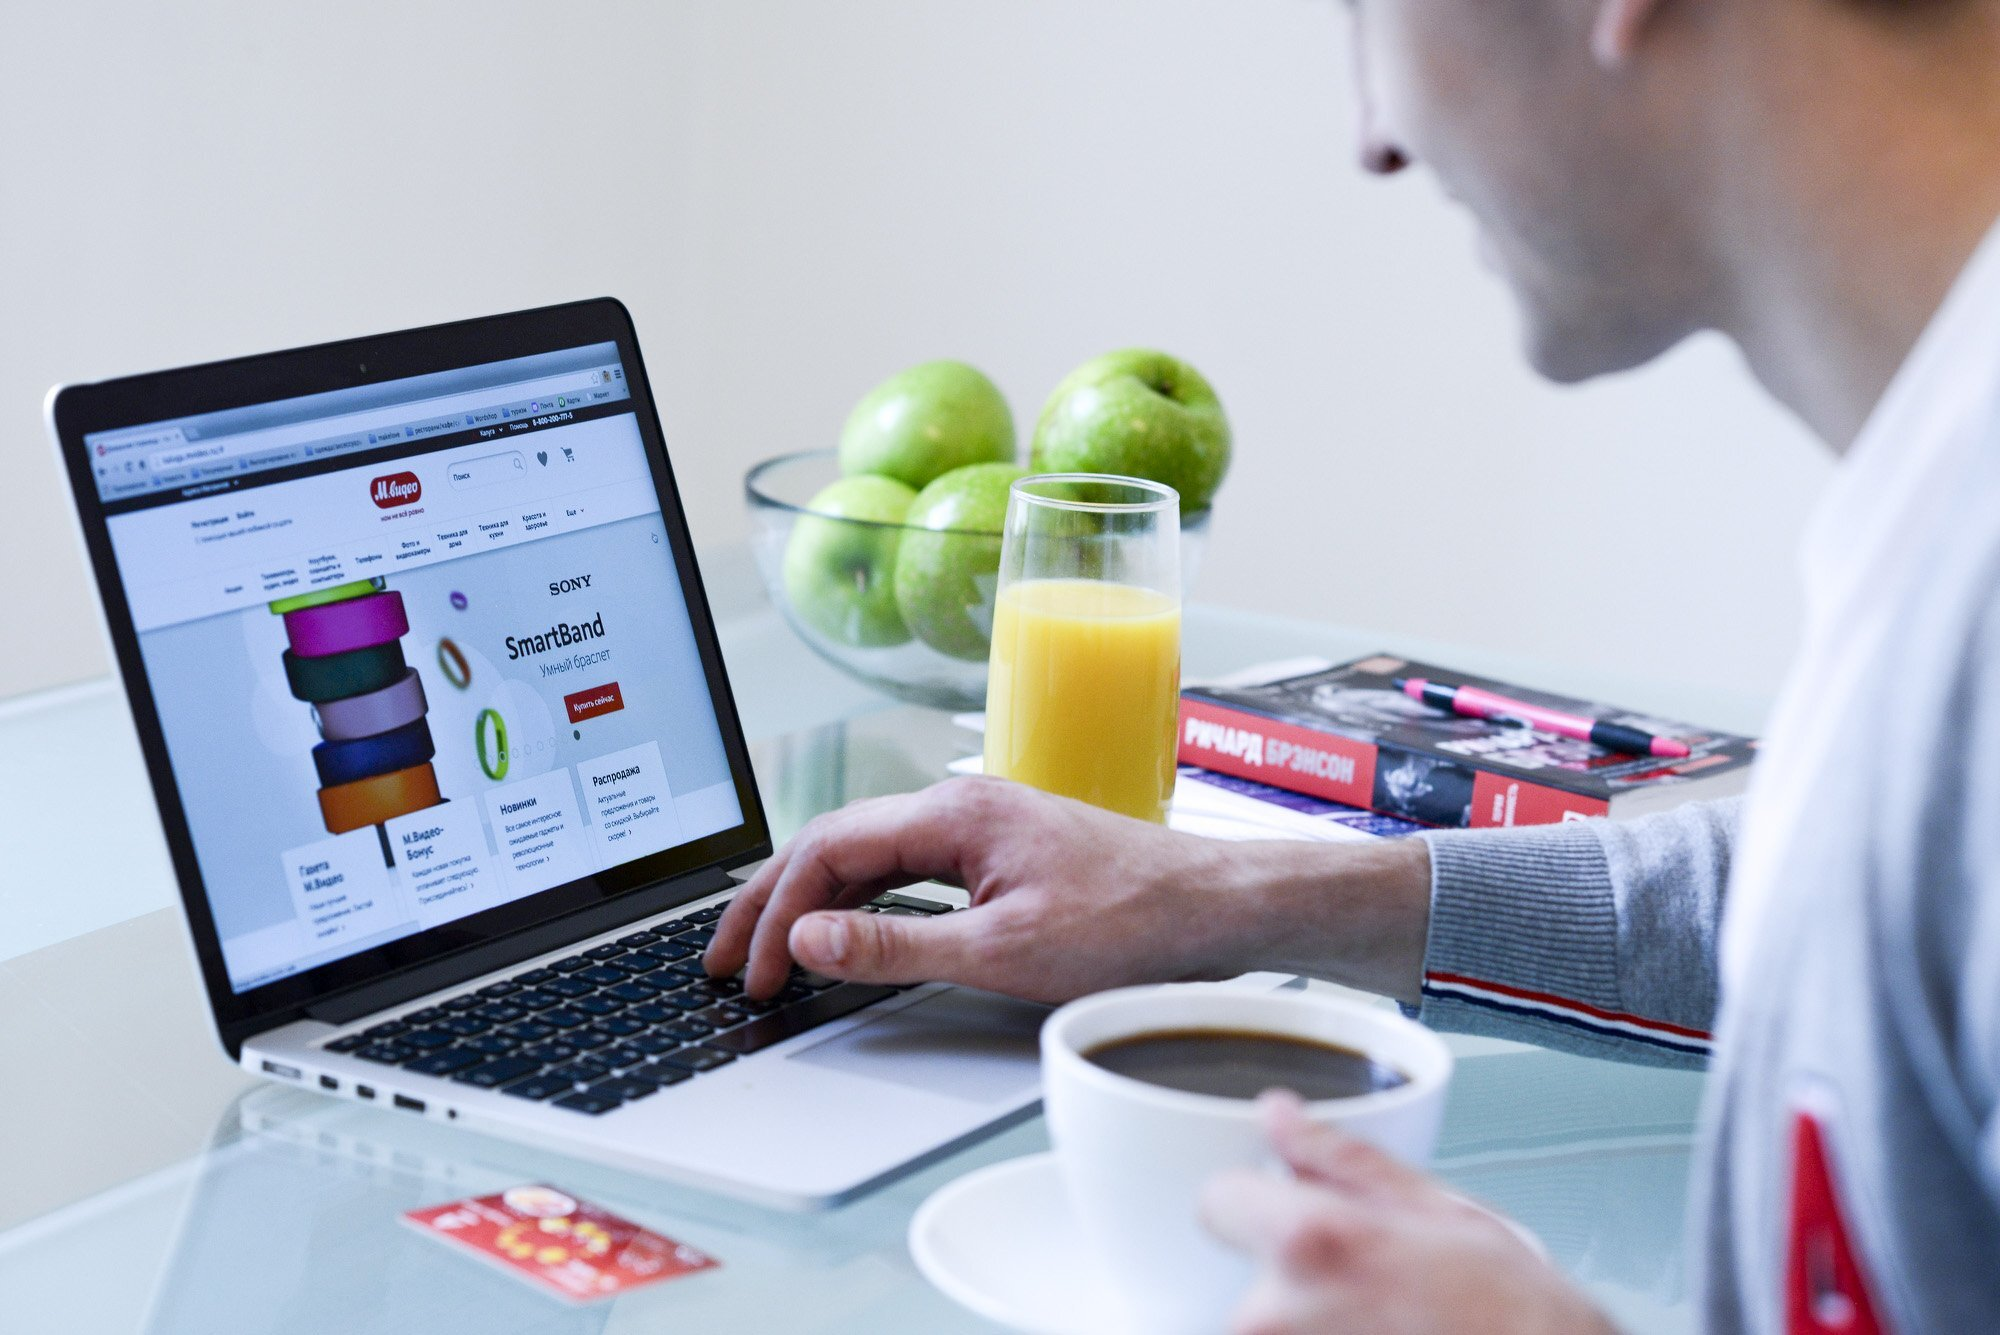 Негативные отзывы в интернете повысили продажи товара